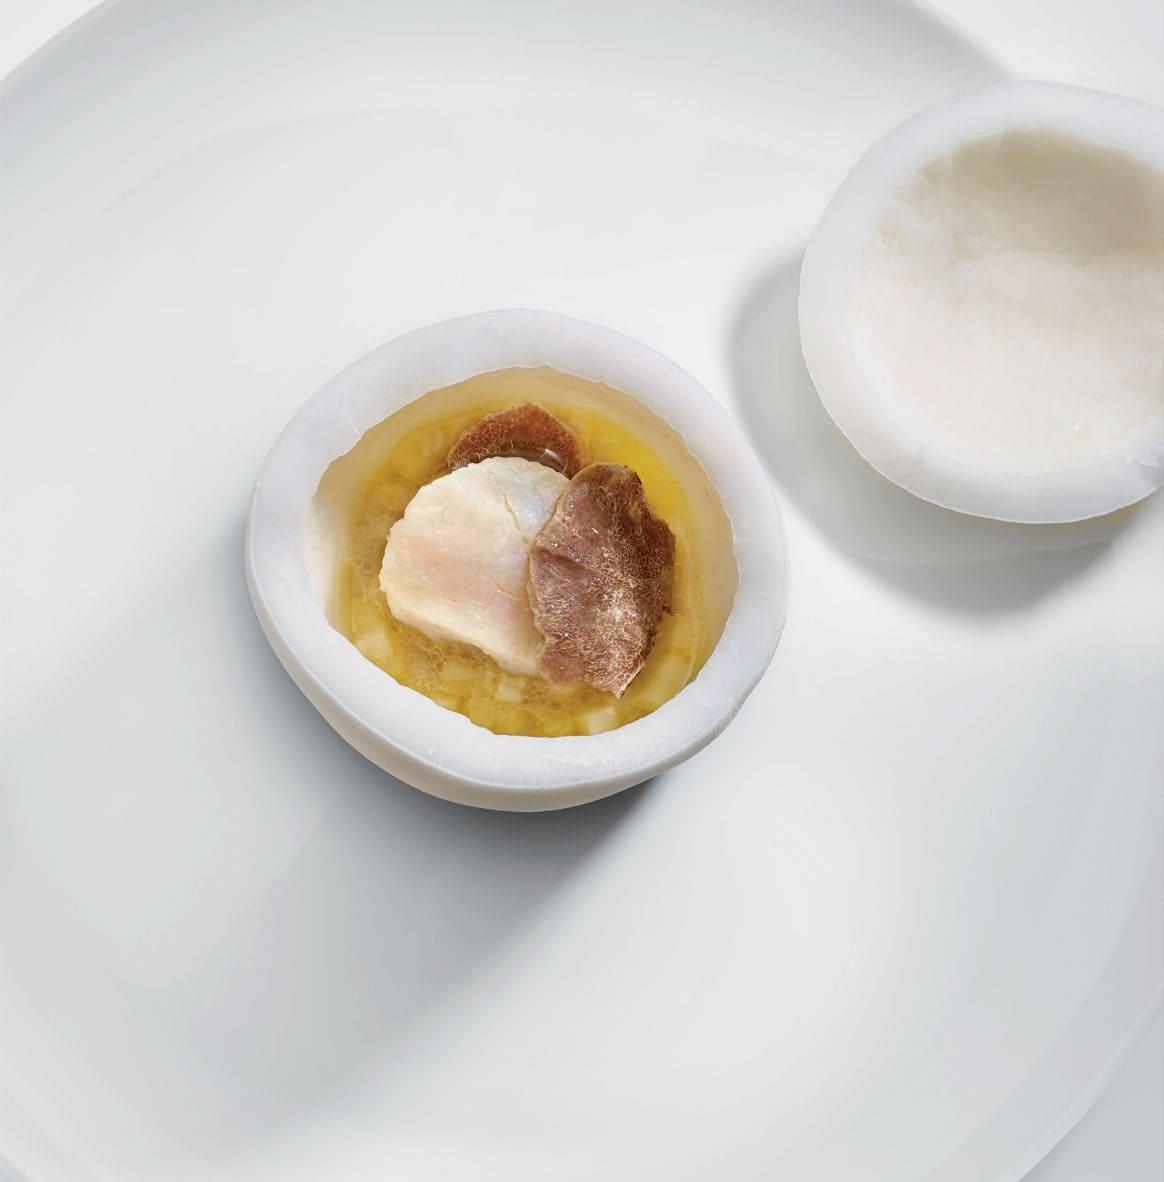 La Saint-Jacques de Normandie, Noix de coco, Jus de cuisson naturel au rhum vieux agricole, truffe blanche d'Alba